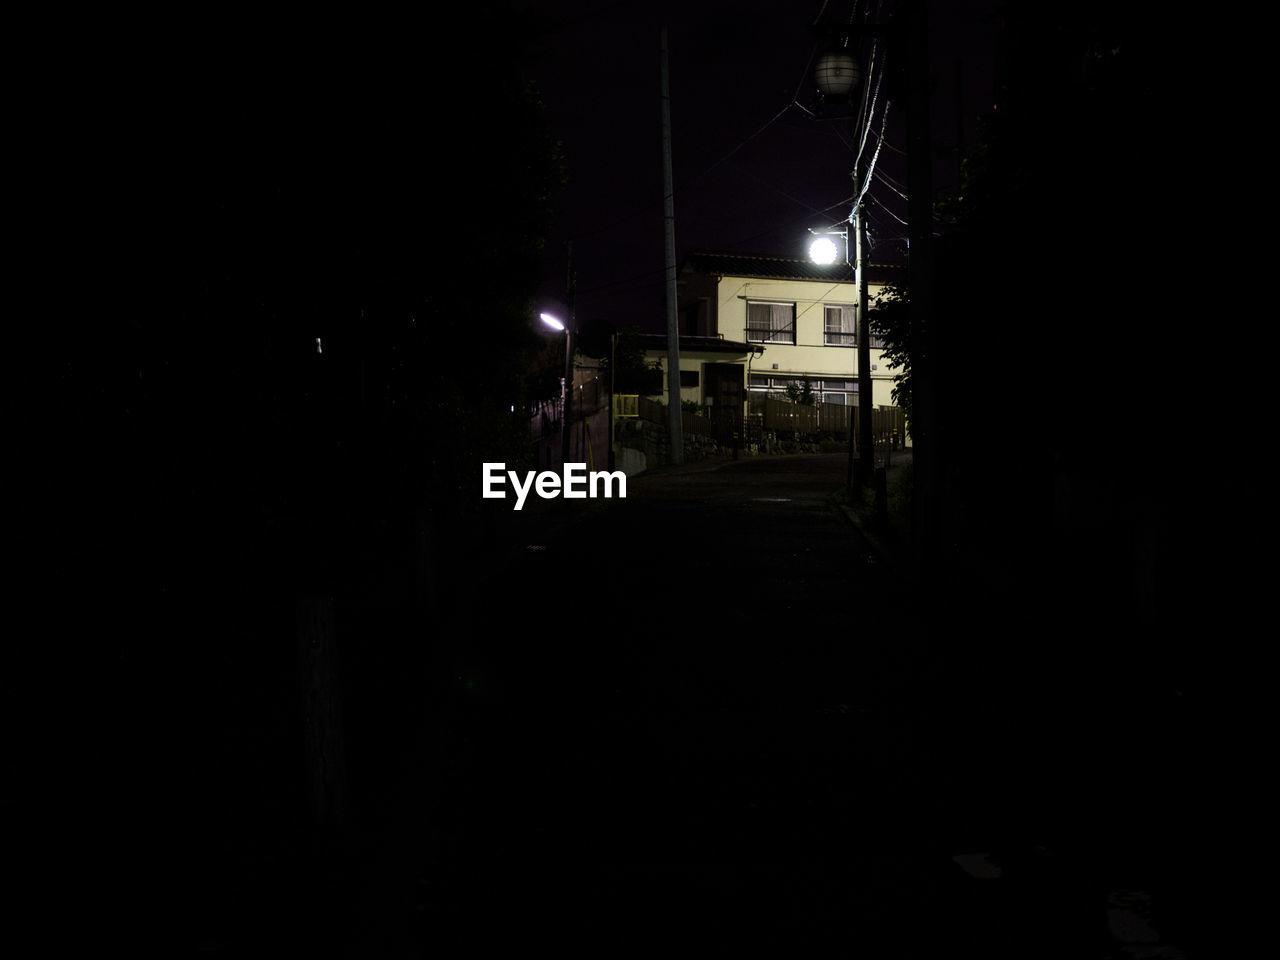 EMPTY ROAD ALONG ILLUMINATED HOUSE AT NIGHT